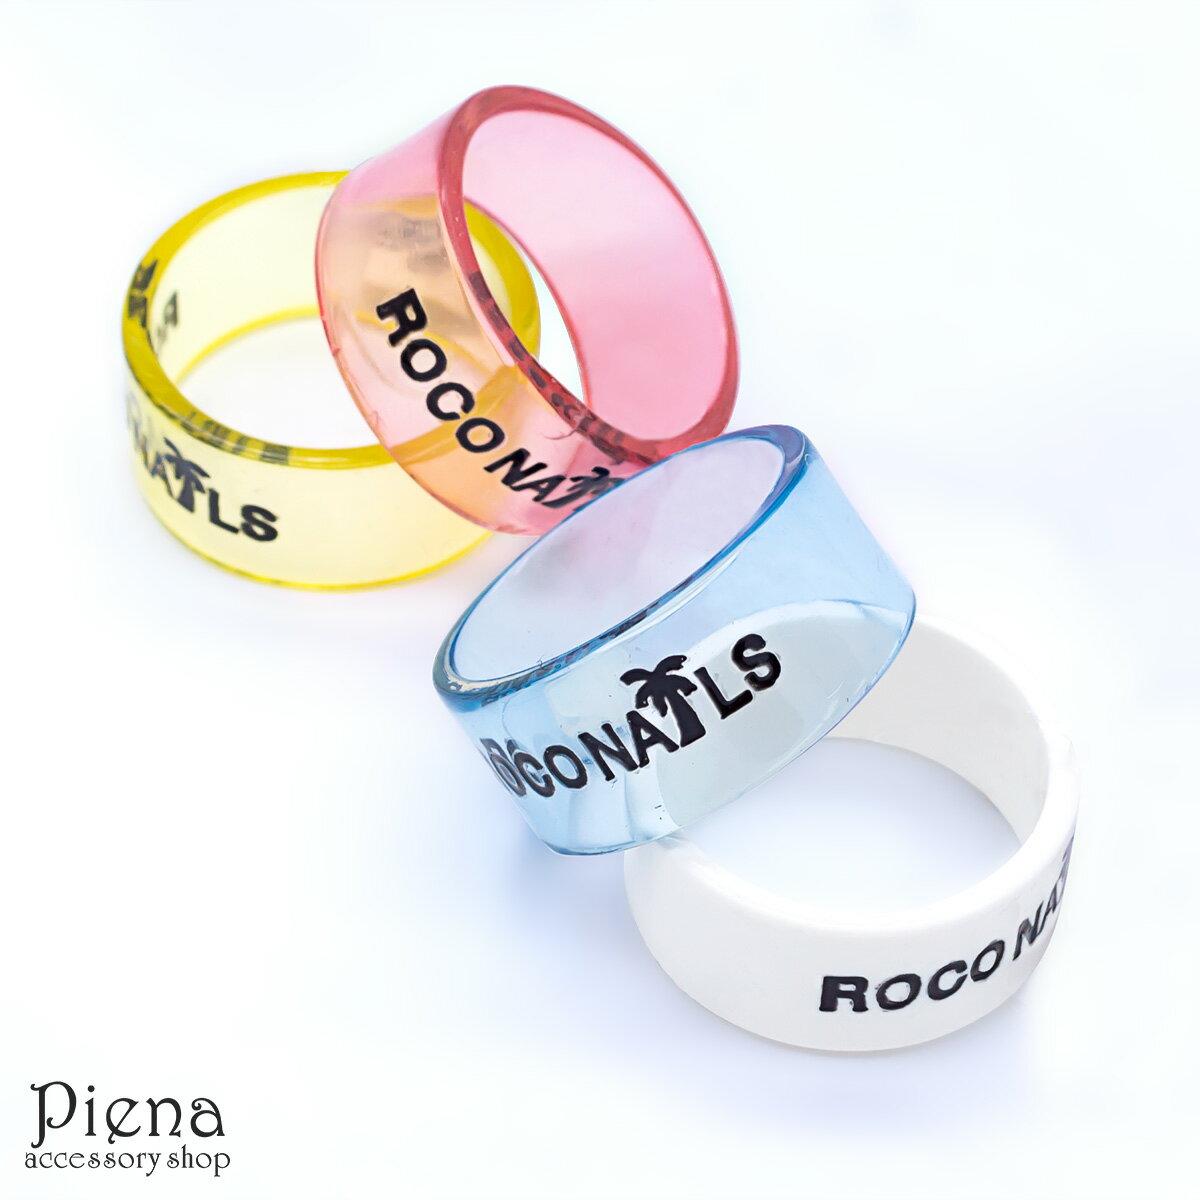 レディースジュエリー・アクセサリー, 指輪・リング  roco nails 11